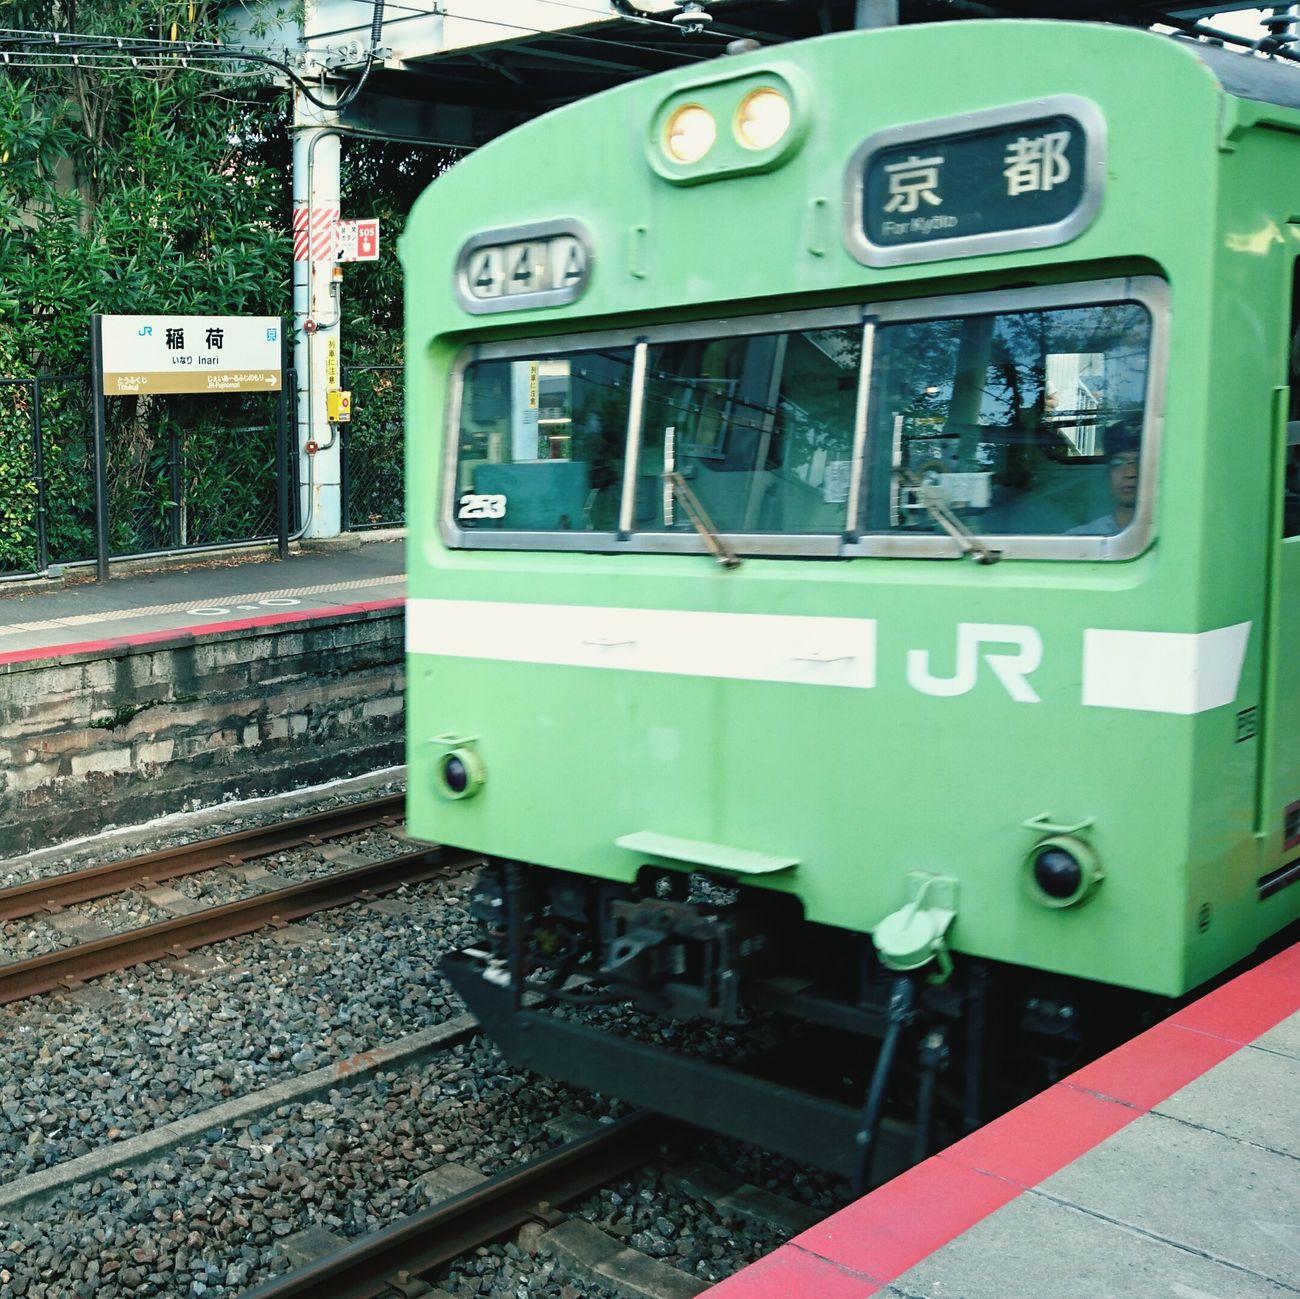 乗り物 鉄道 103系 Train